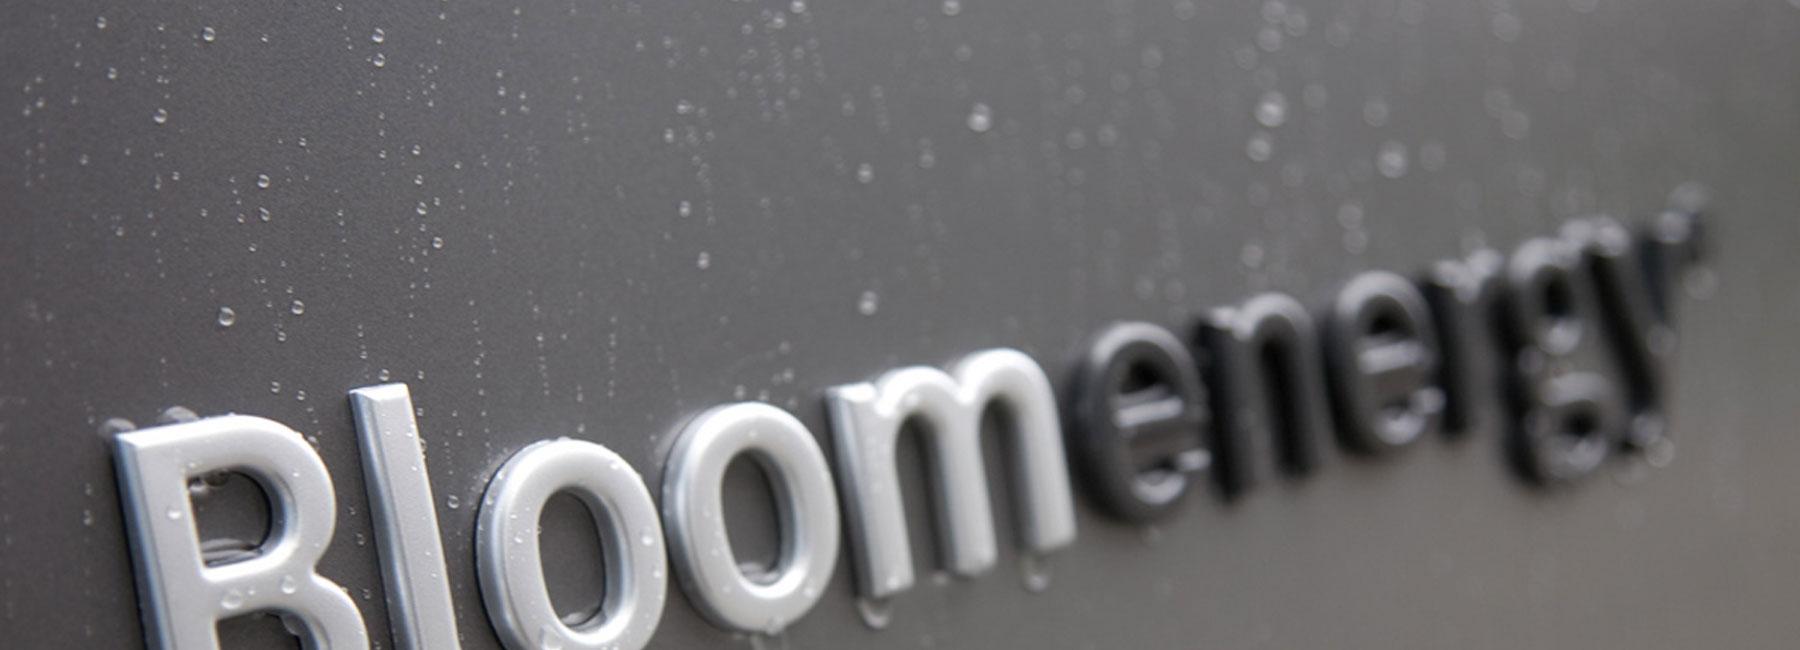 bloom logo banner lower